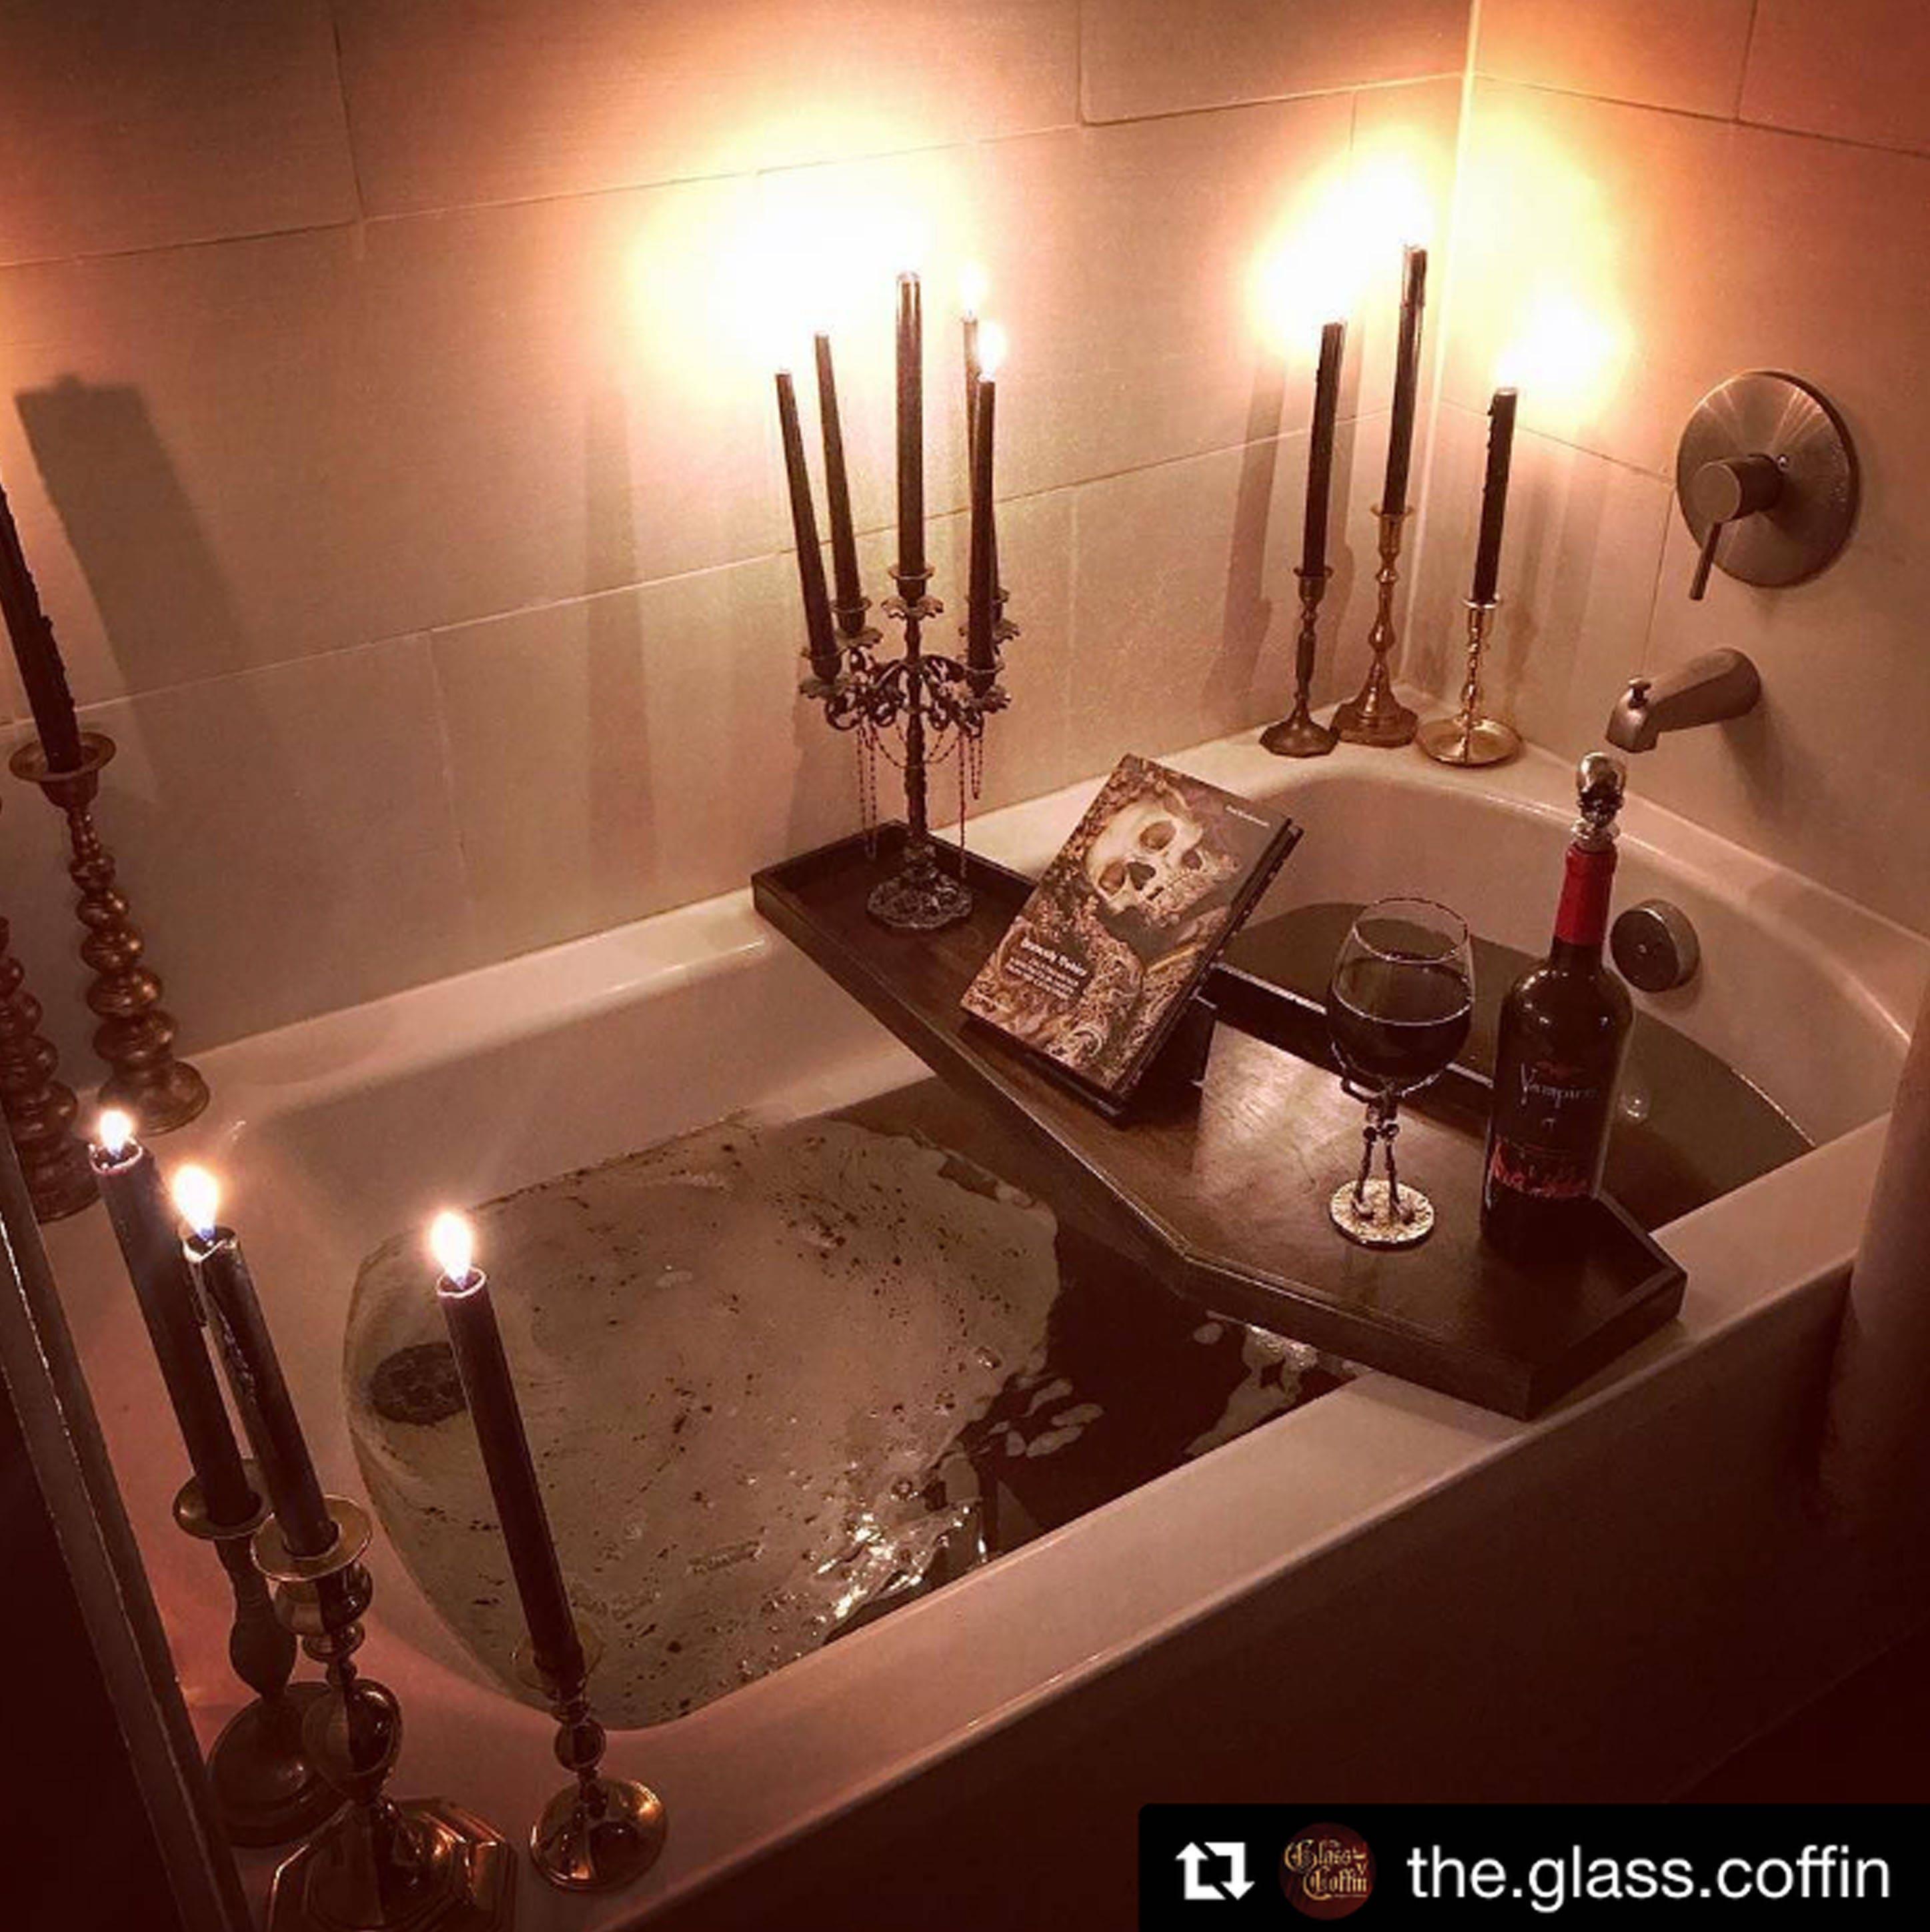 Coffin Bath Tray, Bath Caddy, Bathtub Tray, Bath Rack, Gothic, Goth ...